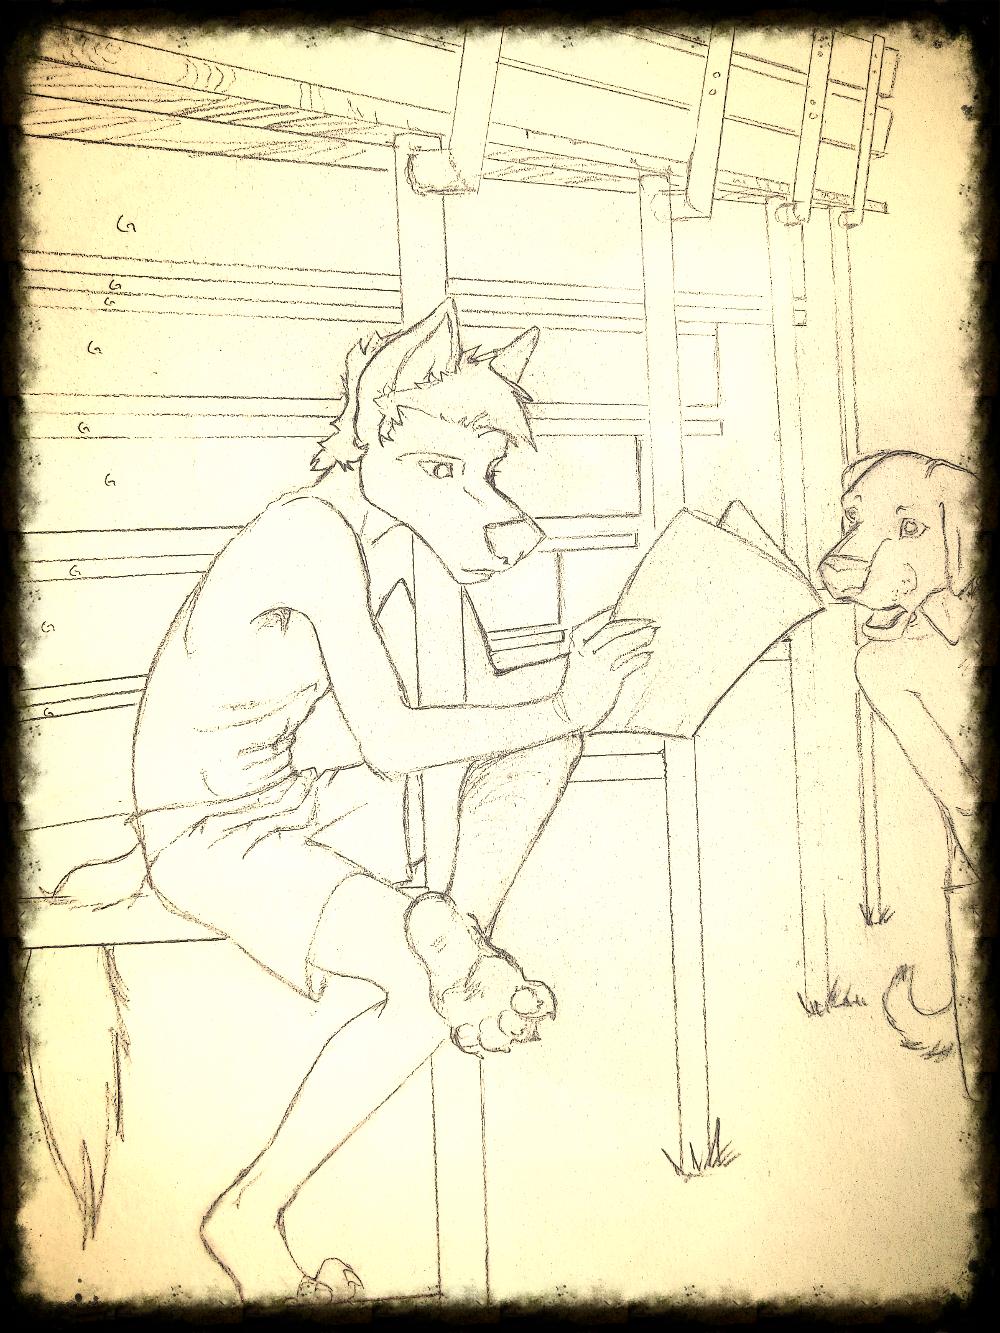 Jes readin'...